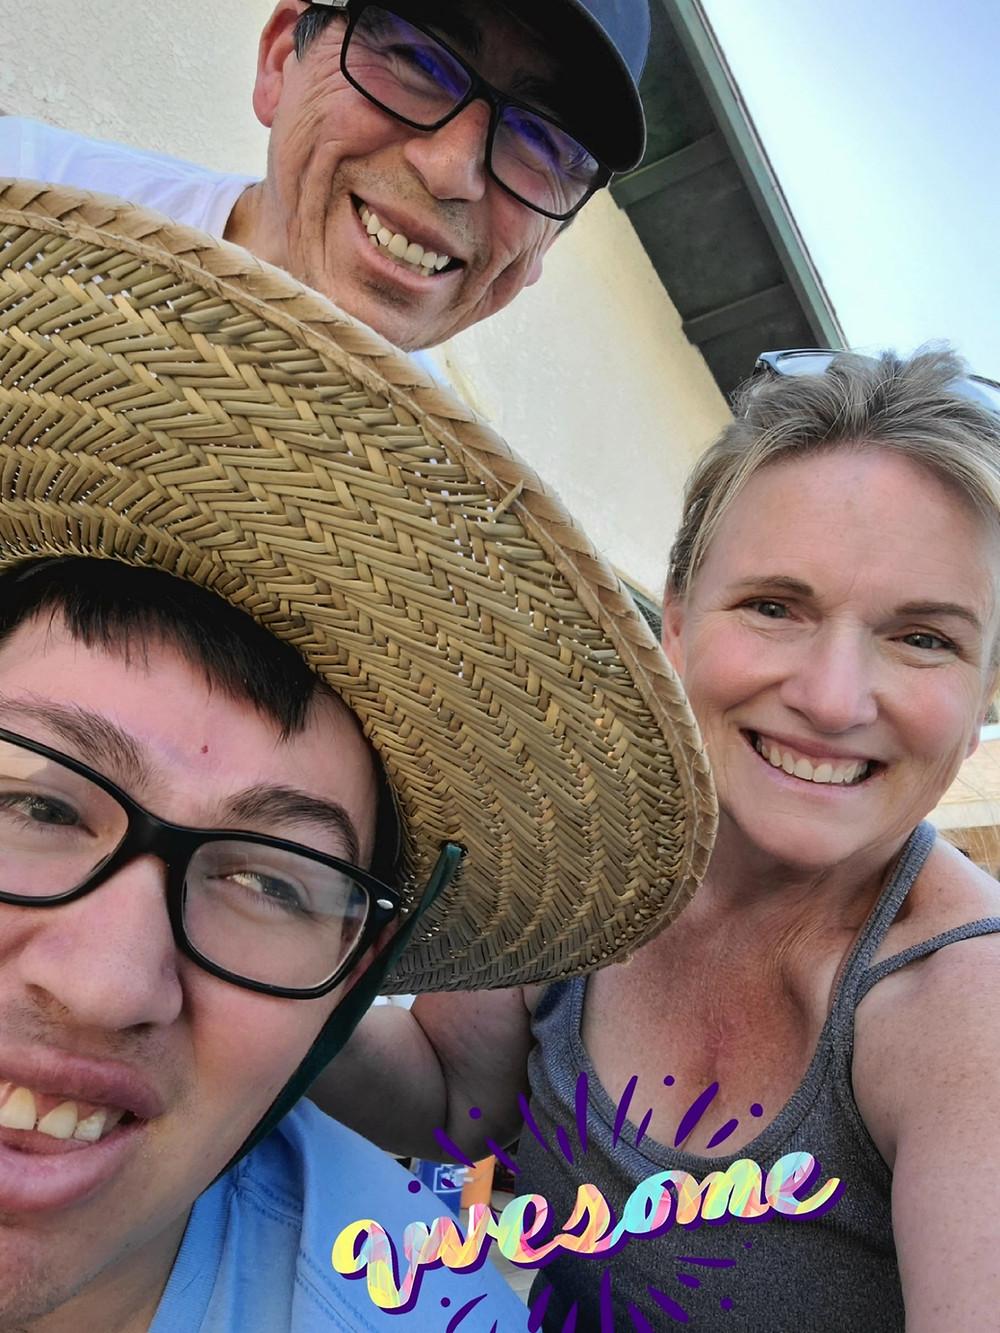 Jonny is seen with his parents, Rudy and Karen Garcia.